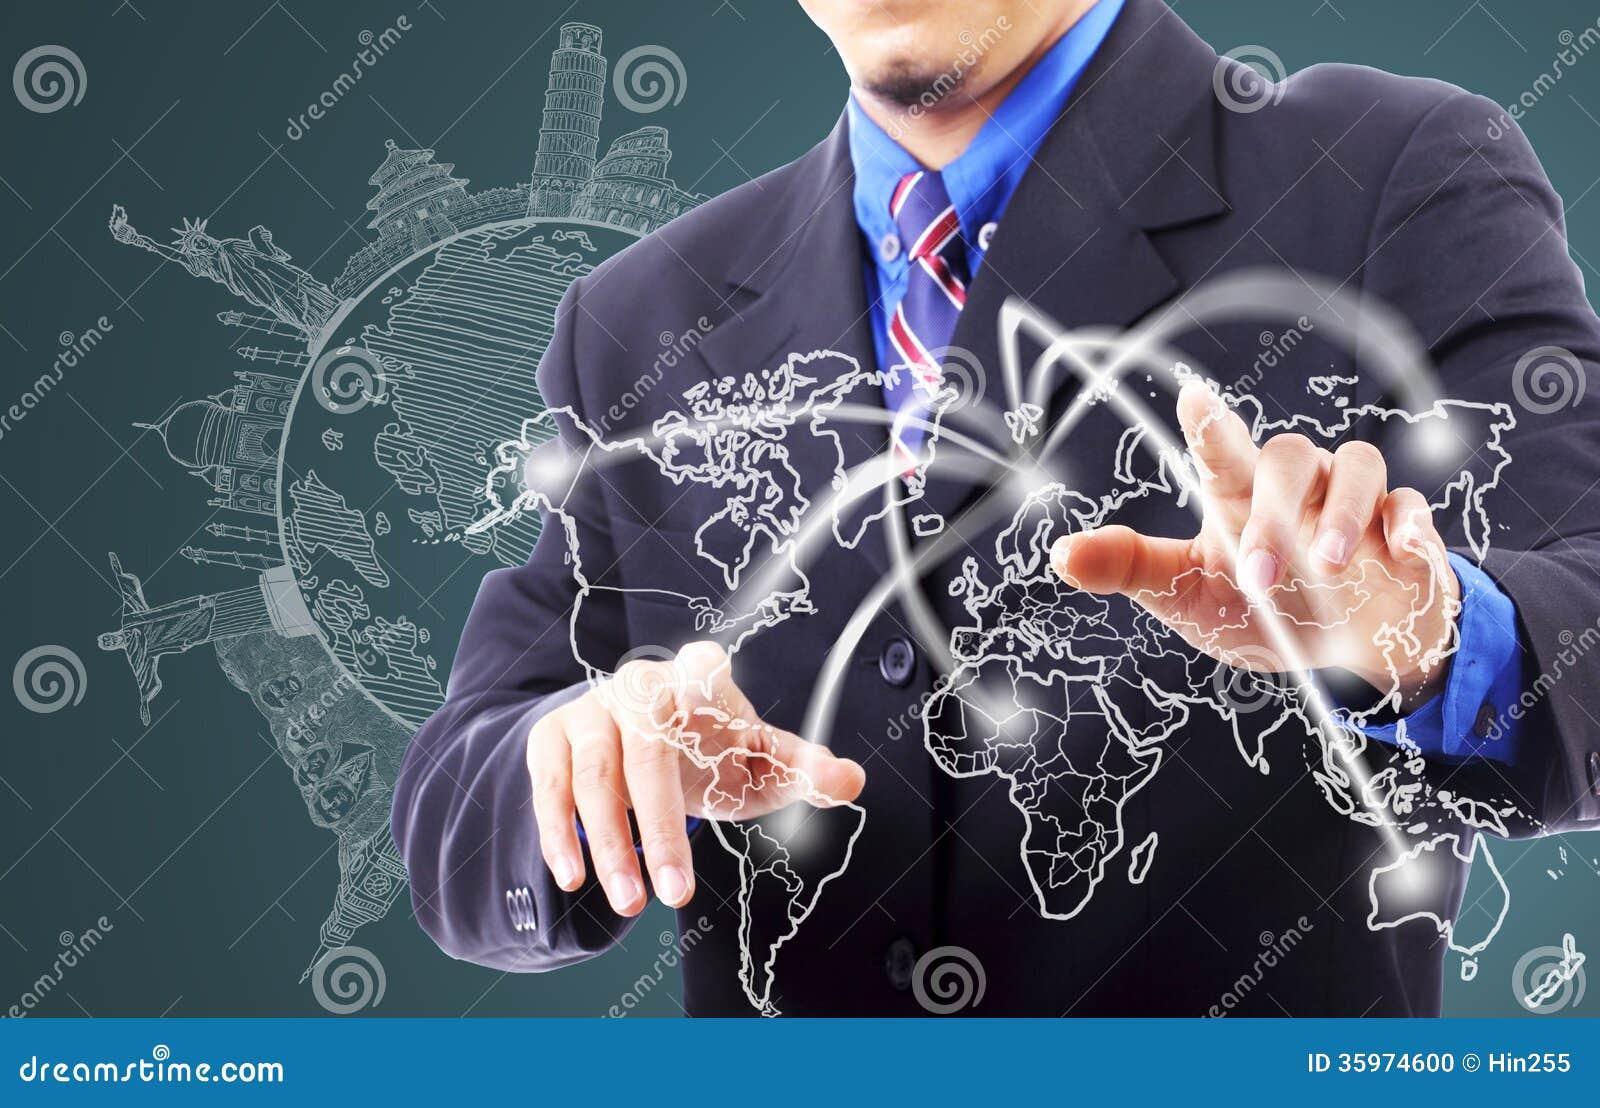 Línea conmovedora viajero de la red del hombre de negocios